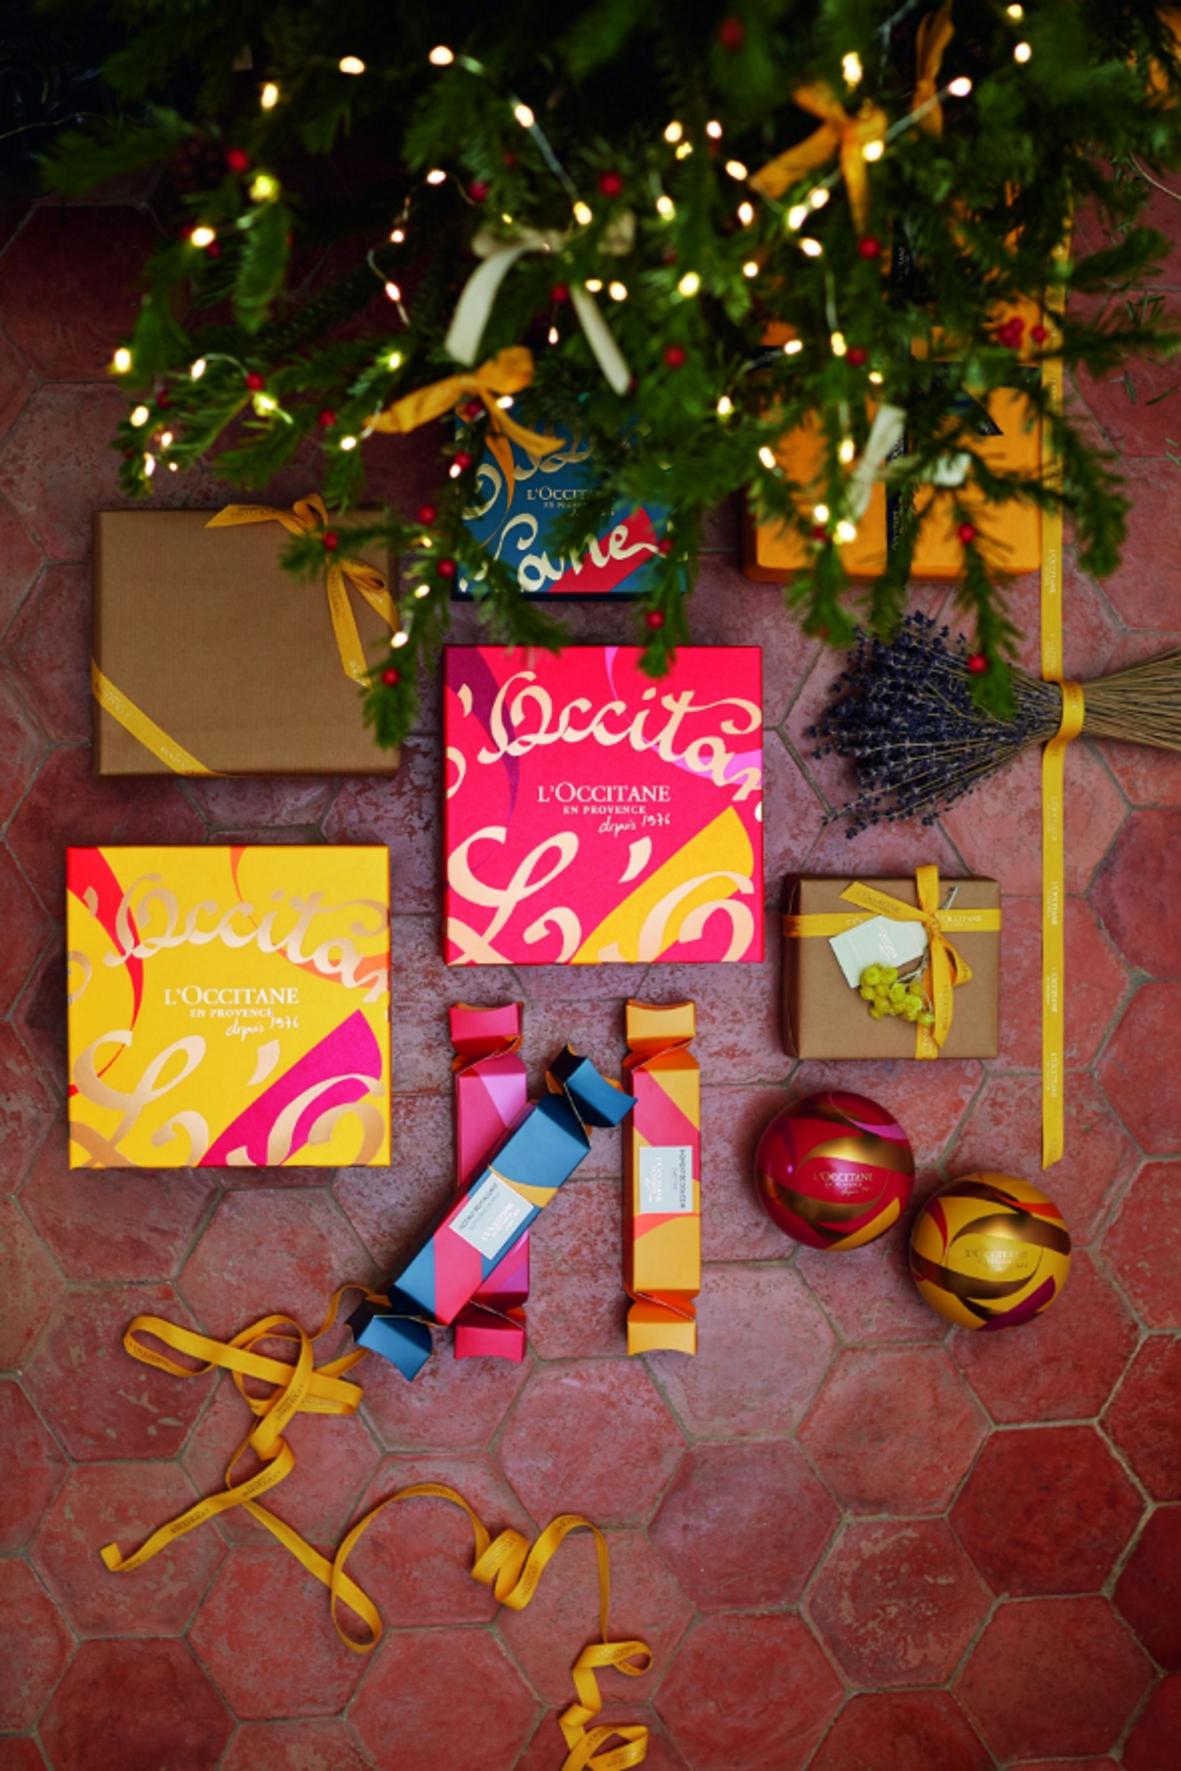 adventskraenzchen_gift-guide_loccitane_geschenke-mood_klein